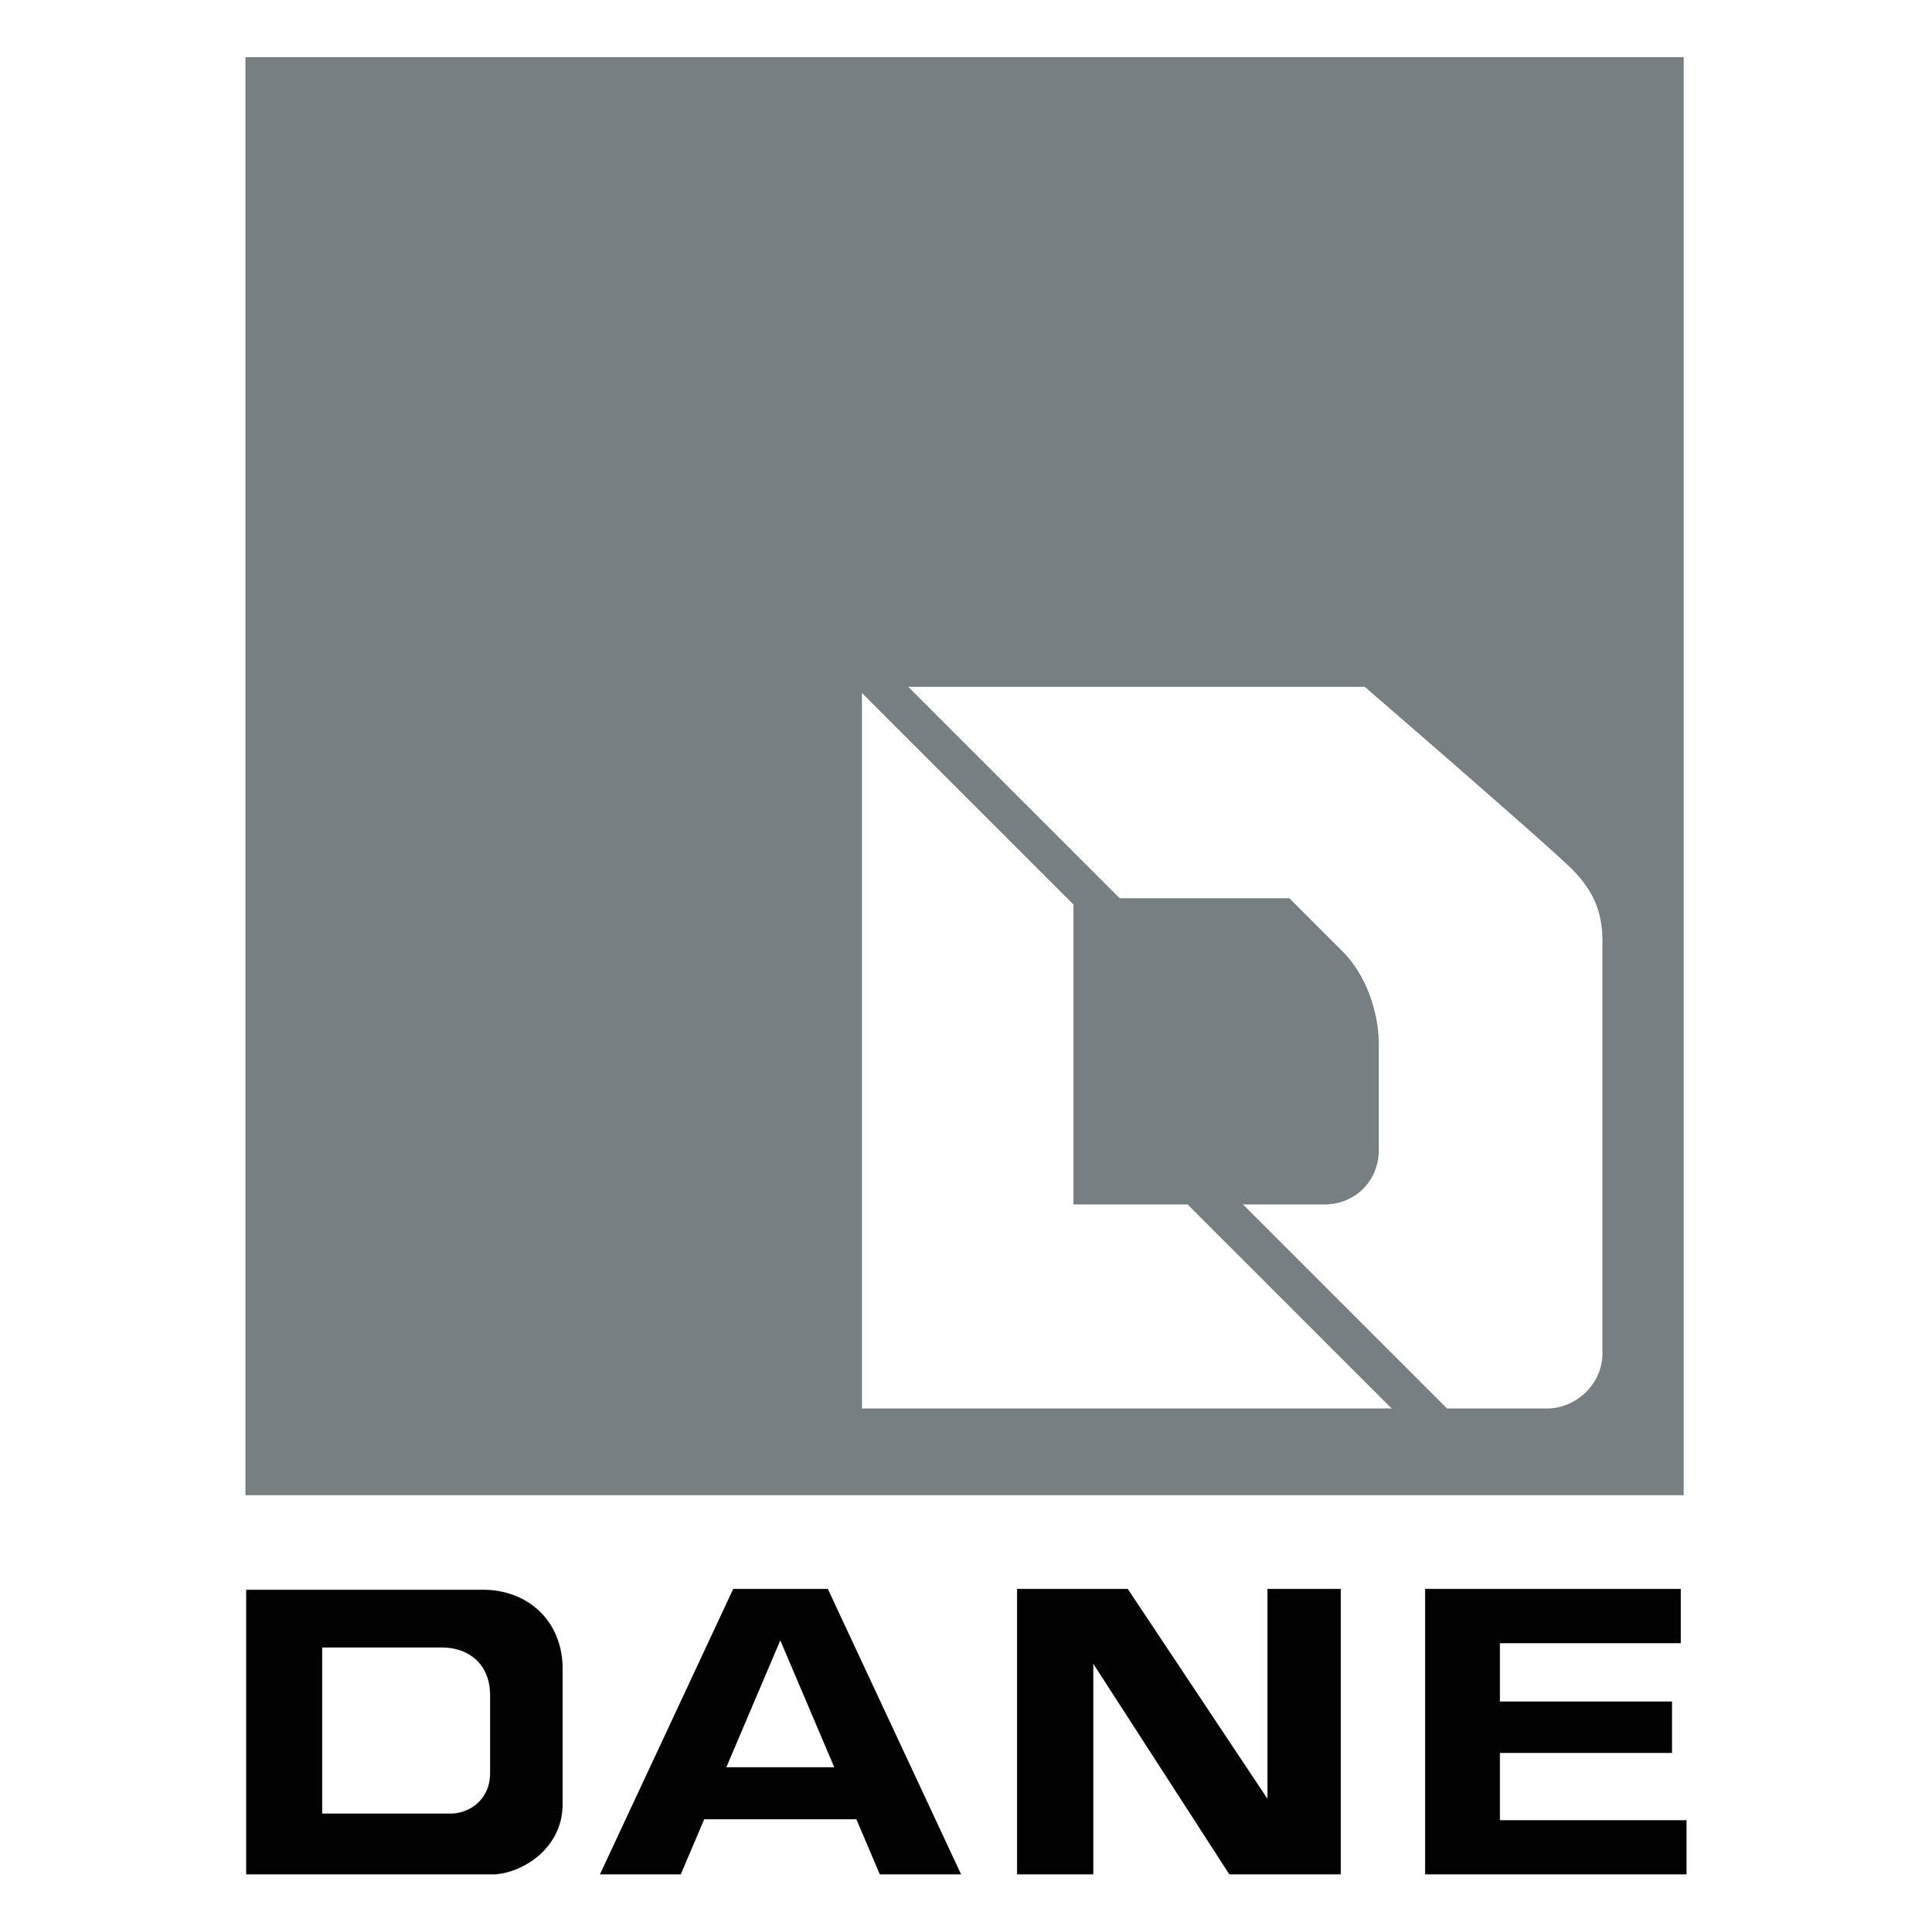 dane-square.jpg